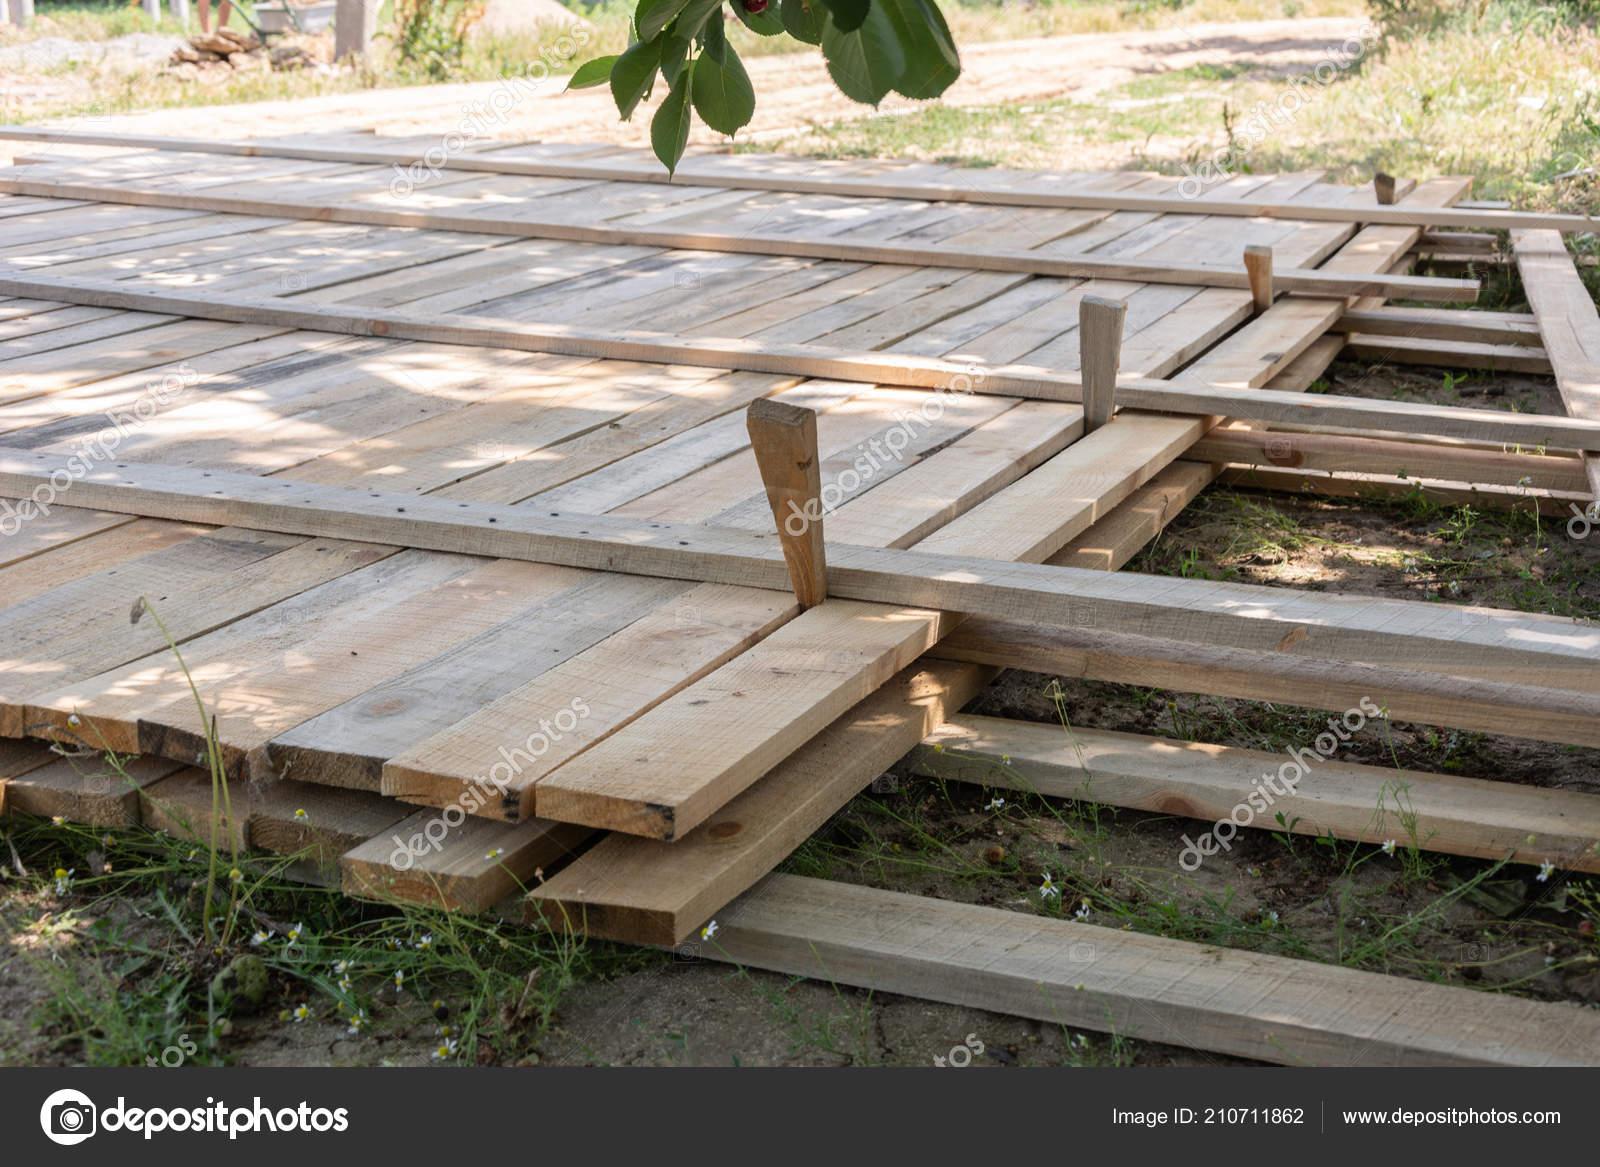 Super Hölzernen Schalung Beton Streifenfundament Für Frame Typ Haus MJ24